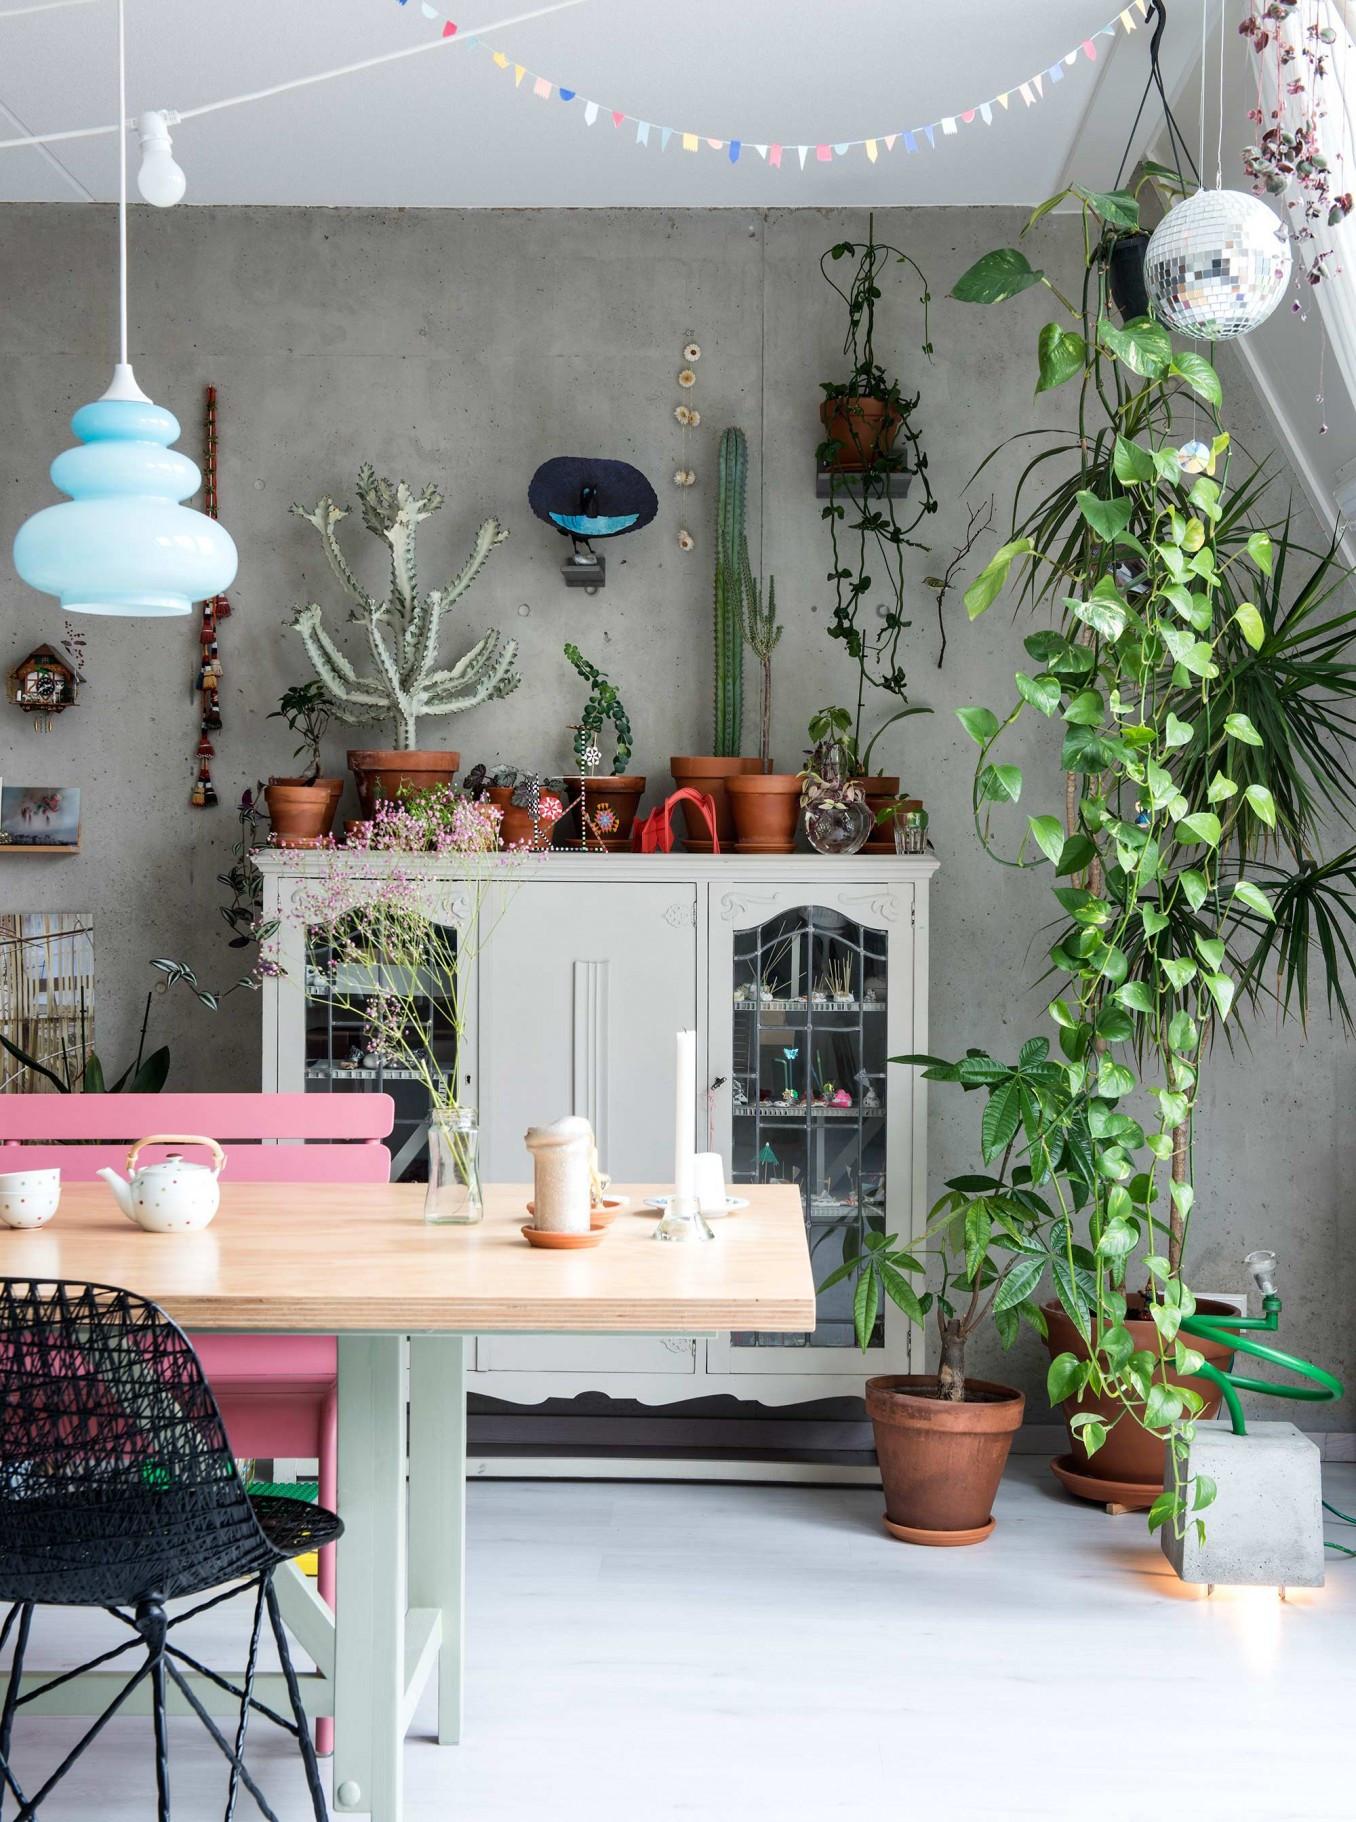 Interior inspiration una gioiosa casa piena di piante e - Casa piena di zanzare ...